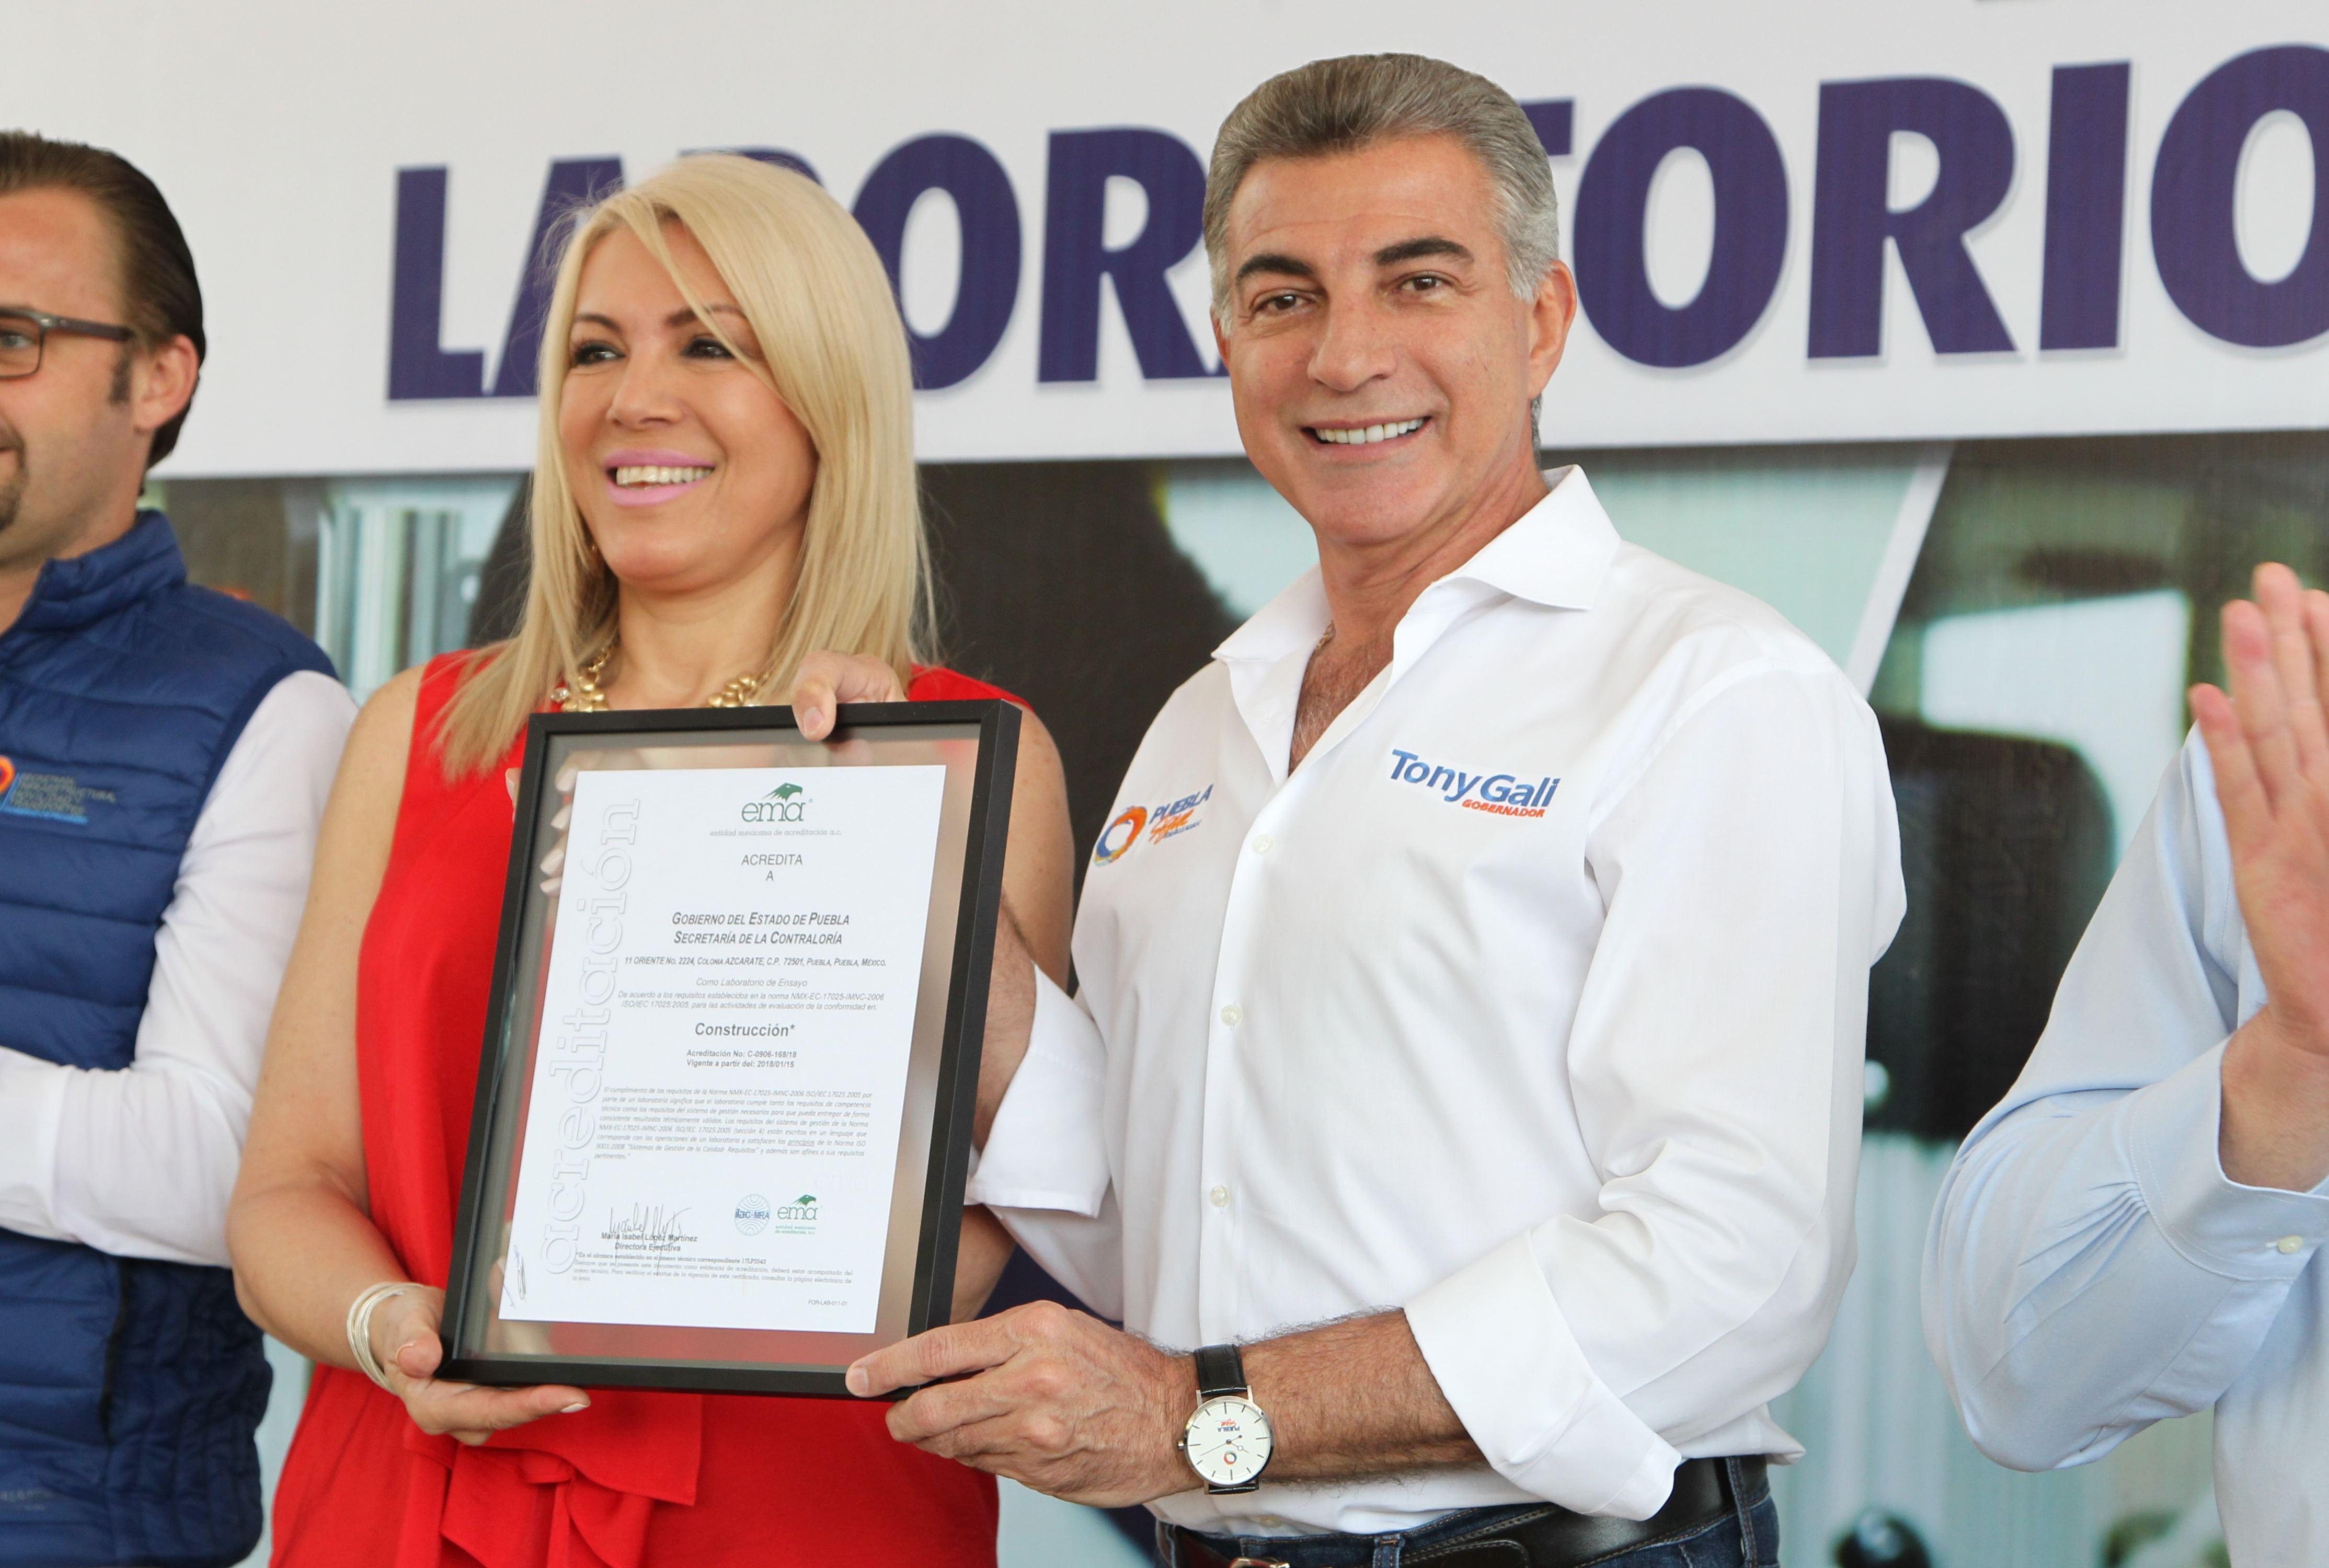 Recibe Gali acreditación de laboratorio de control de calidad de obra